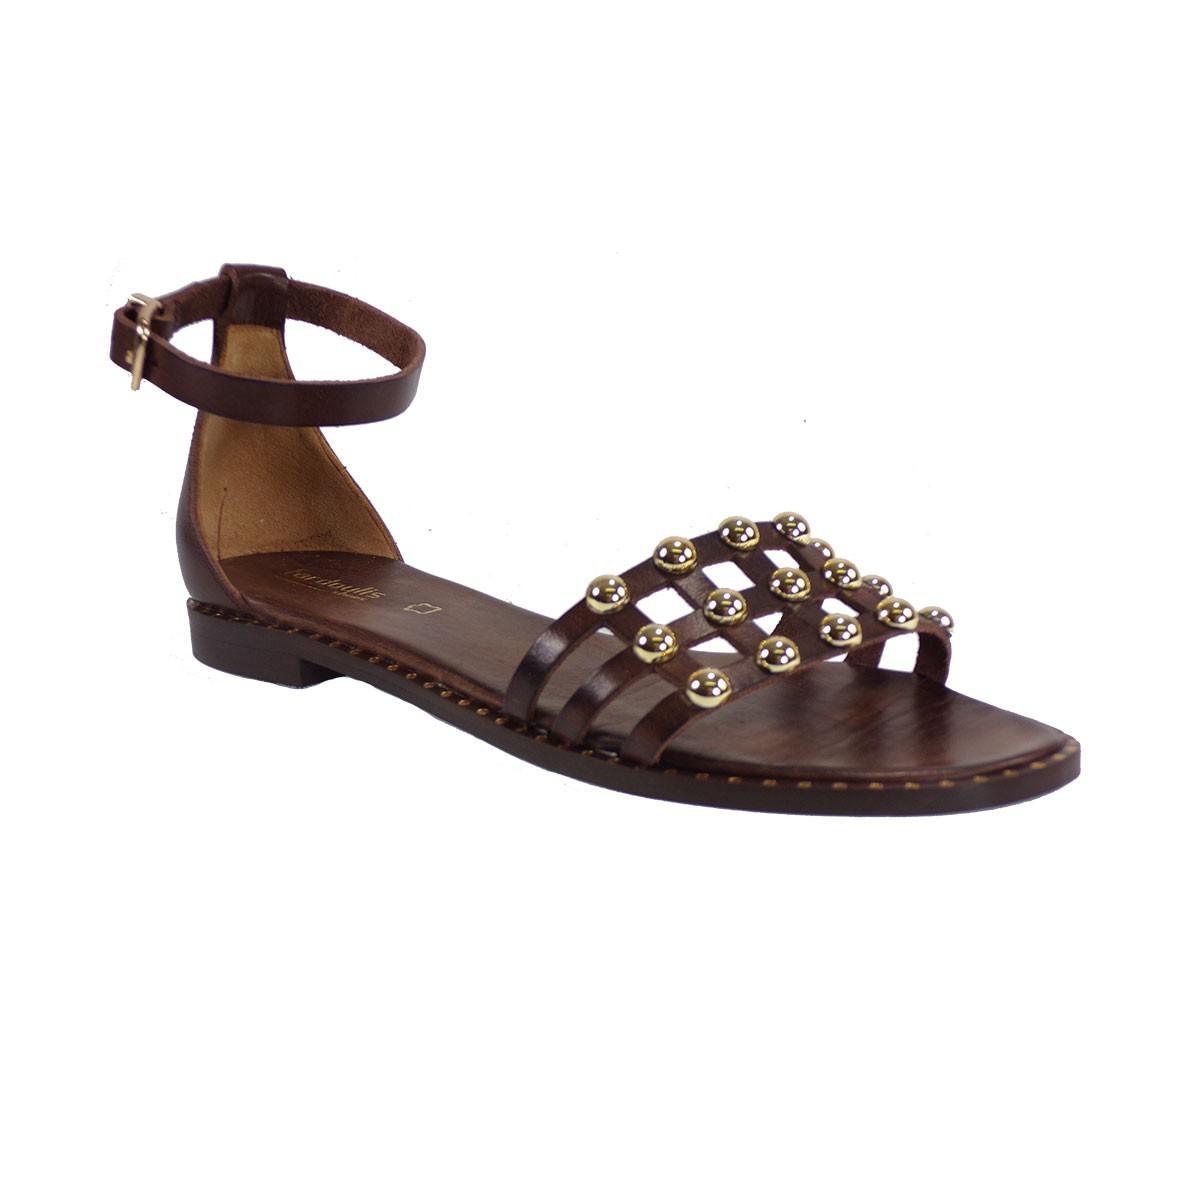 e1406d1ed5 Fardoulis shoes Γυναικεία Πέδιλα 47206 Καφέ Δέρμα